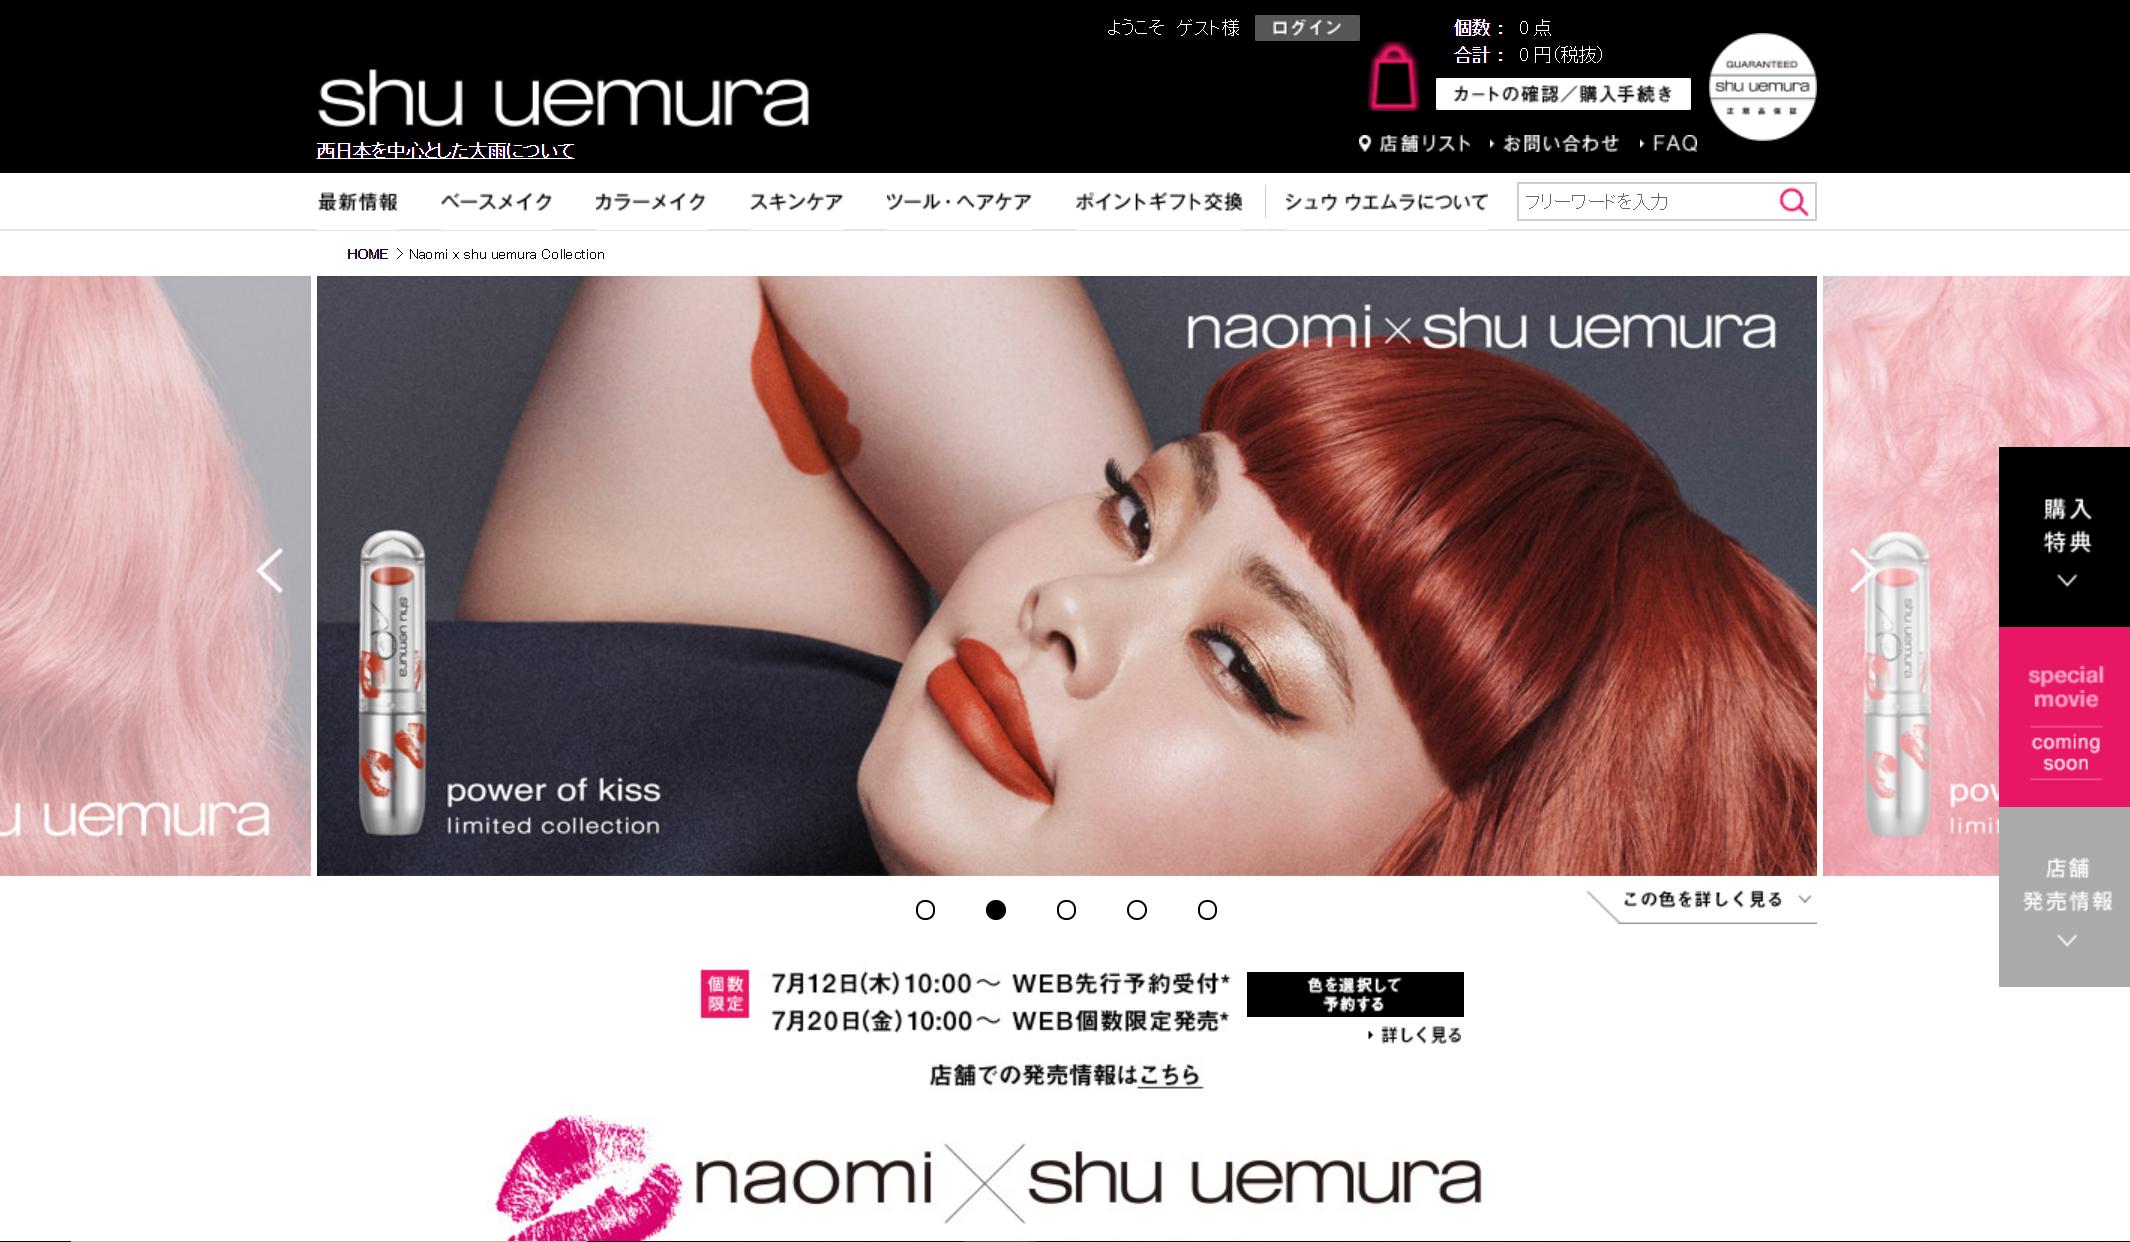 シュウウエムラ×渡辺直美、キスをイメージした限定コレクション発売